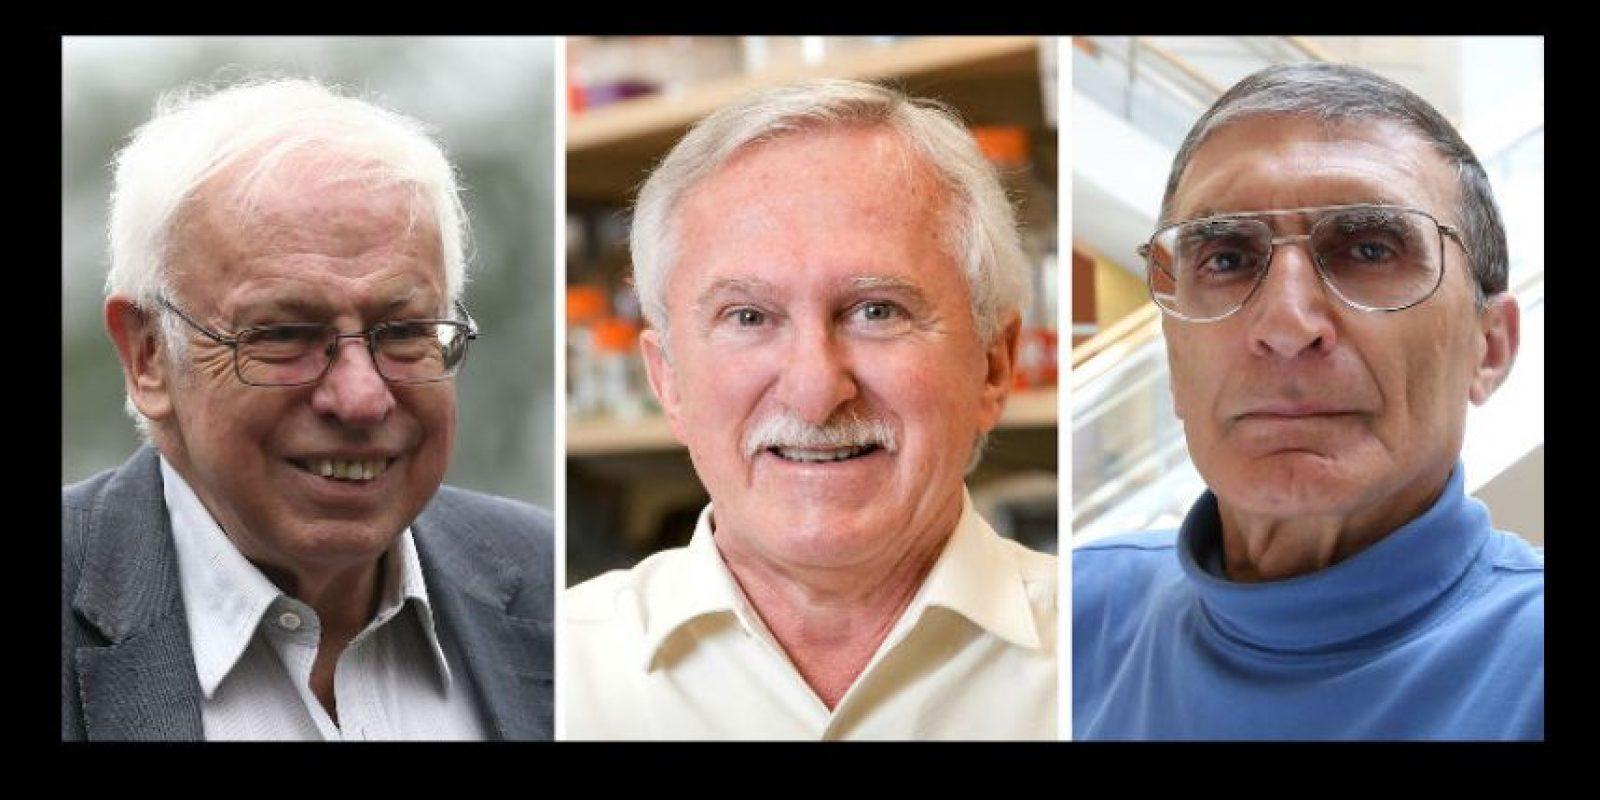 El sueco Thomas Lindahl, el estadounidense Paul Modrich y el turco-estadounidense Aziz Sancar ganaron el Premio Nobel de Química este año por sus estudios a mecanismos de reparación del ADN. Foto:AFP